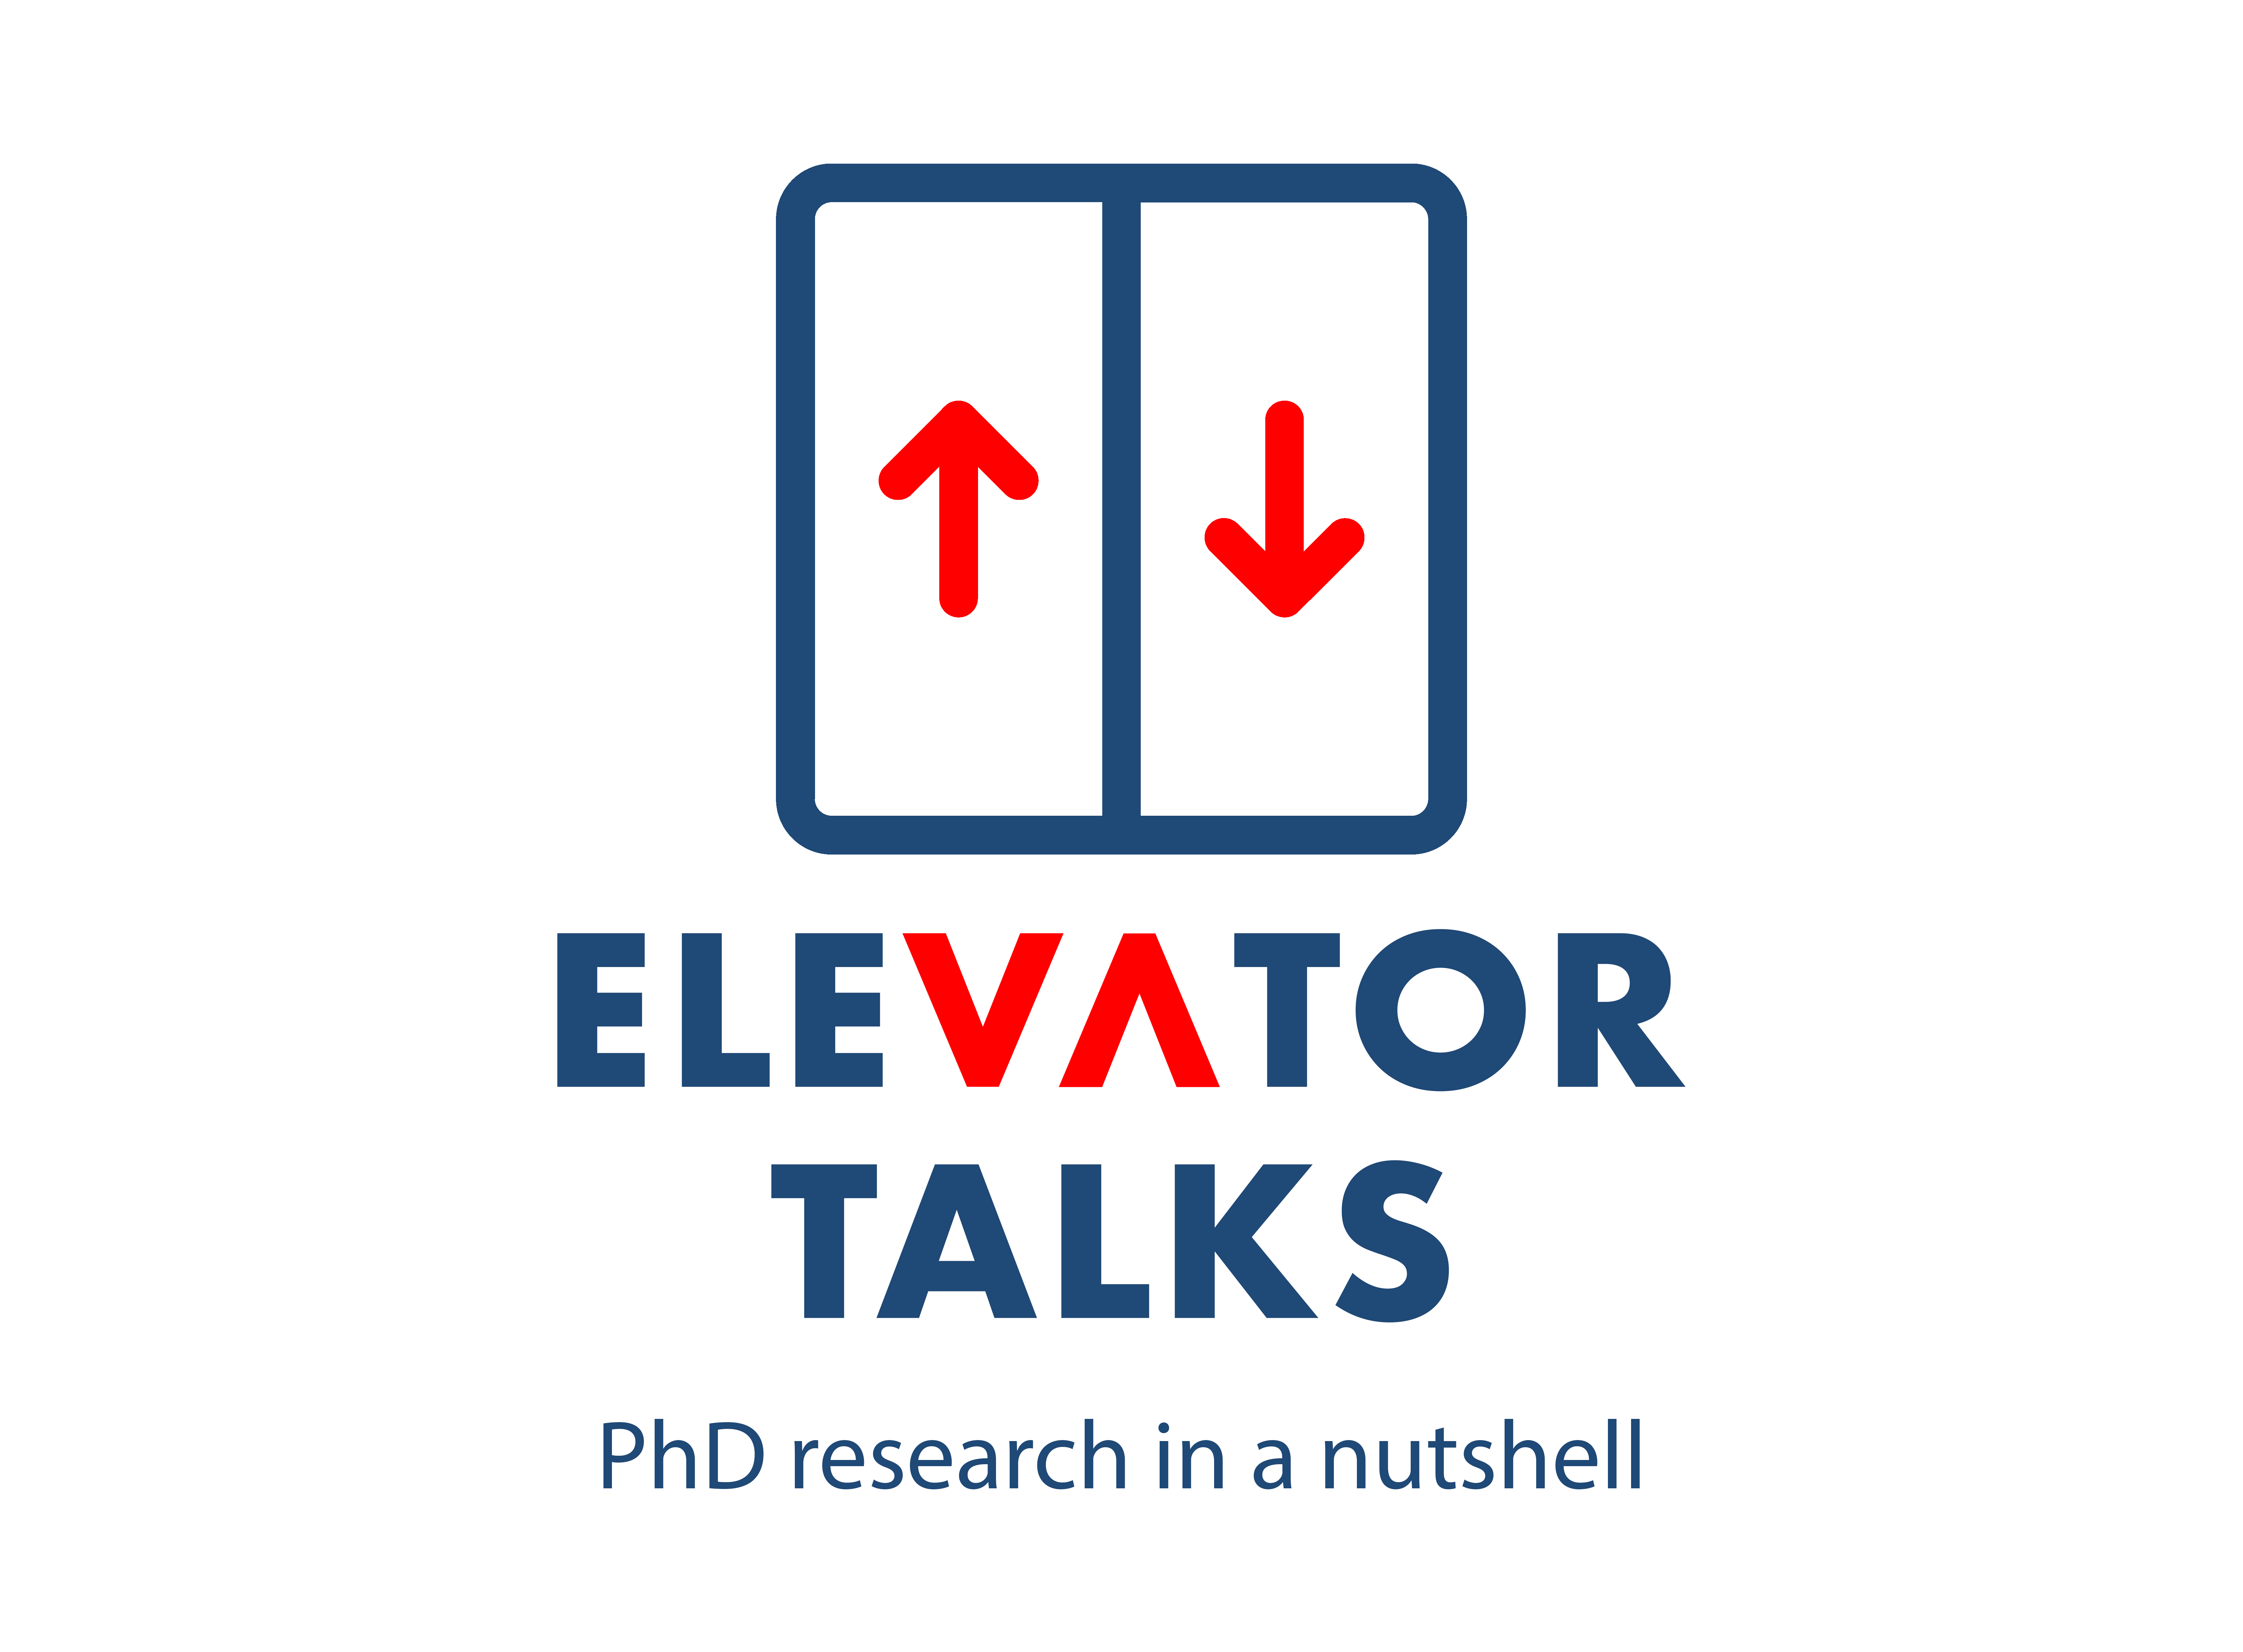 Elevator Talks